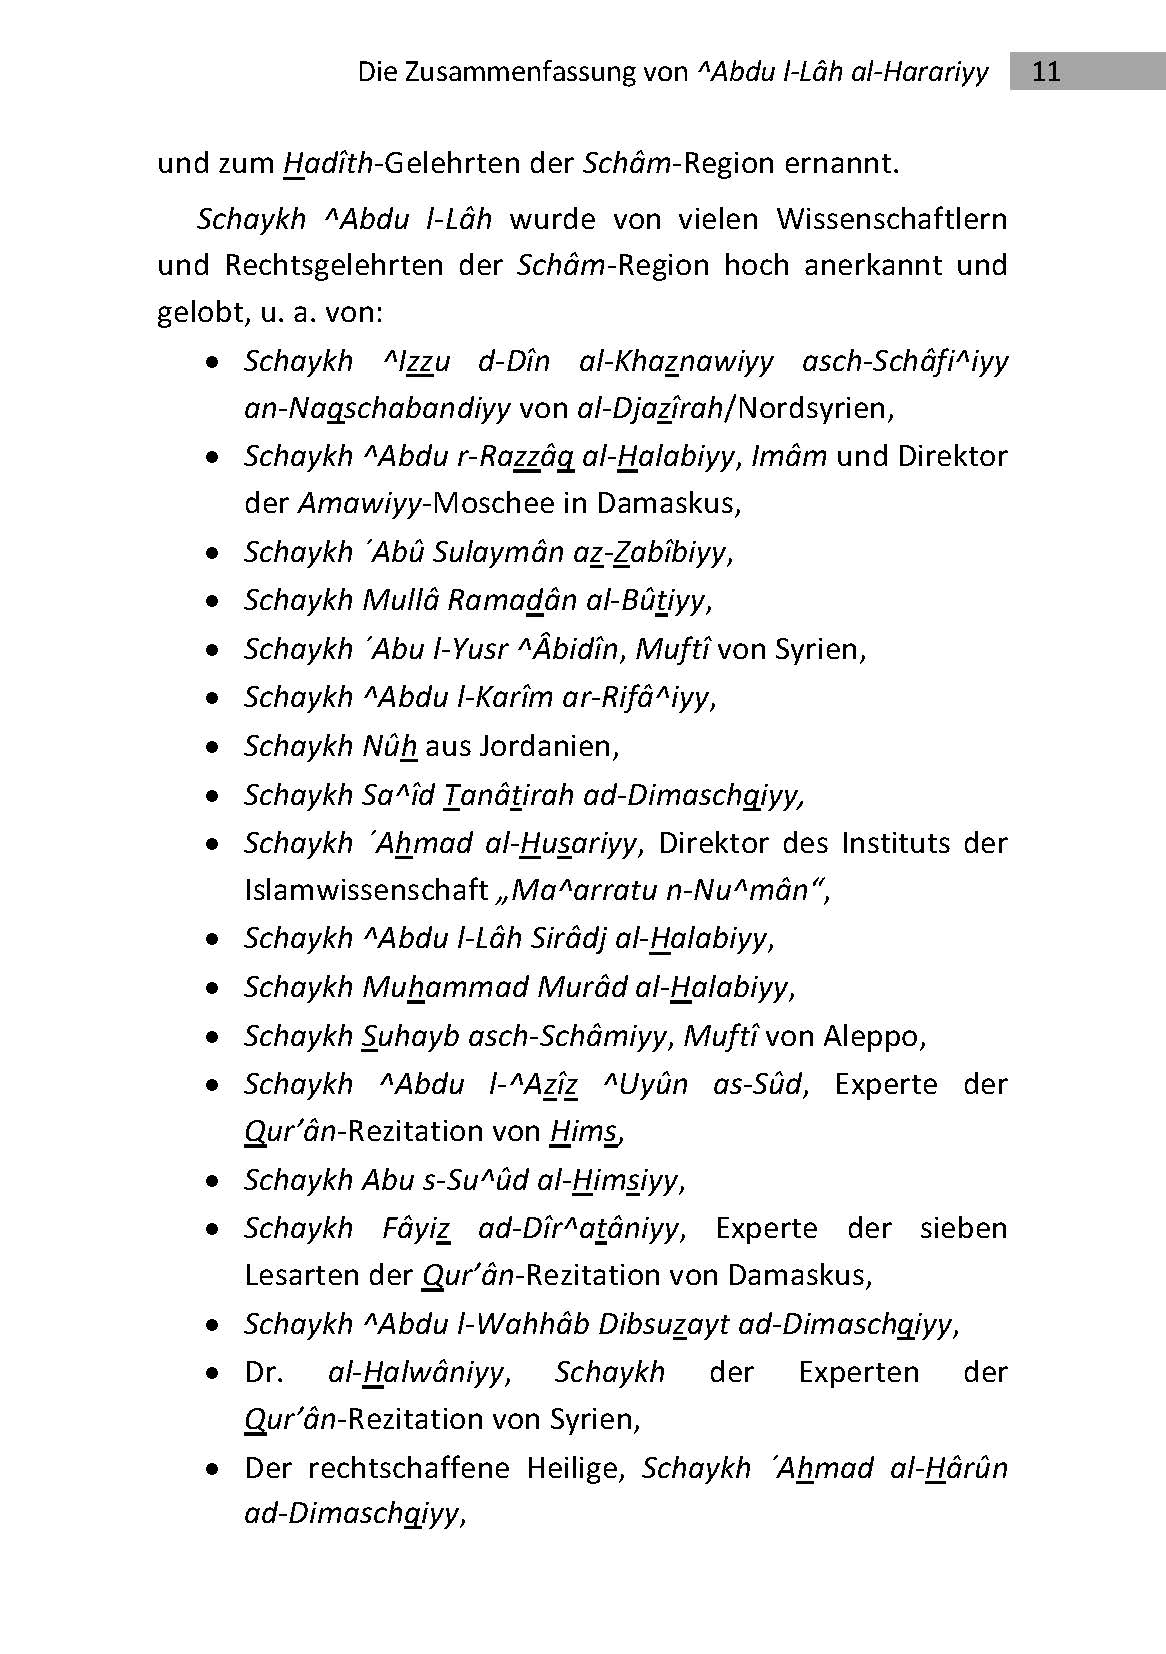 Die Zusammenfassung - 3. Auflage 2014_Seite_11